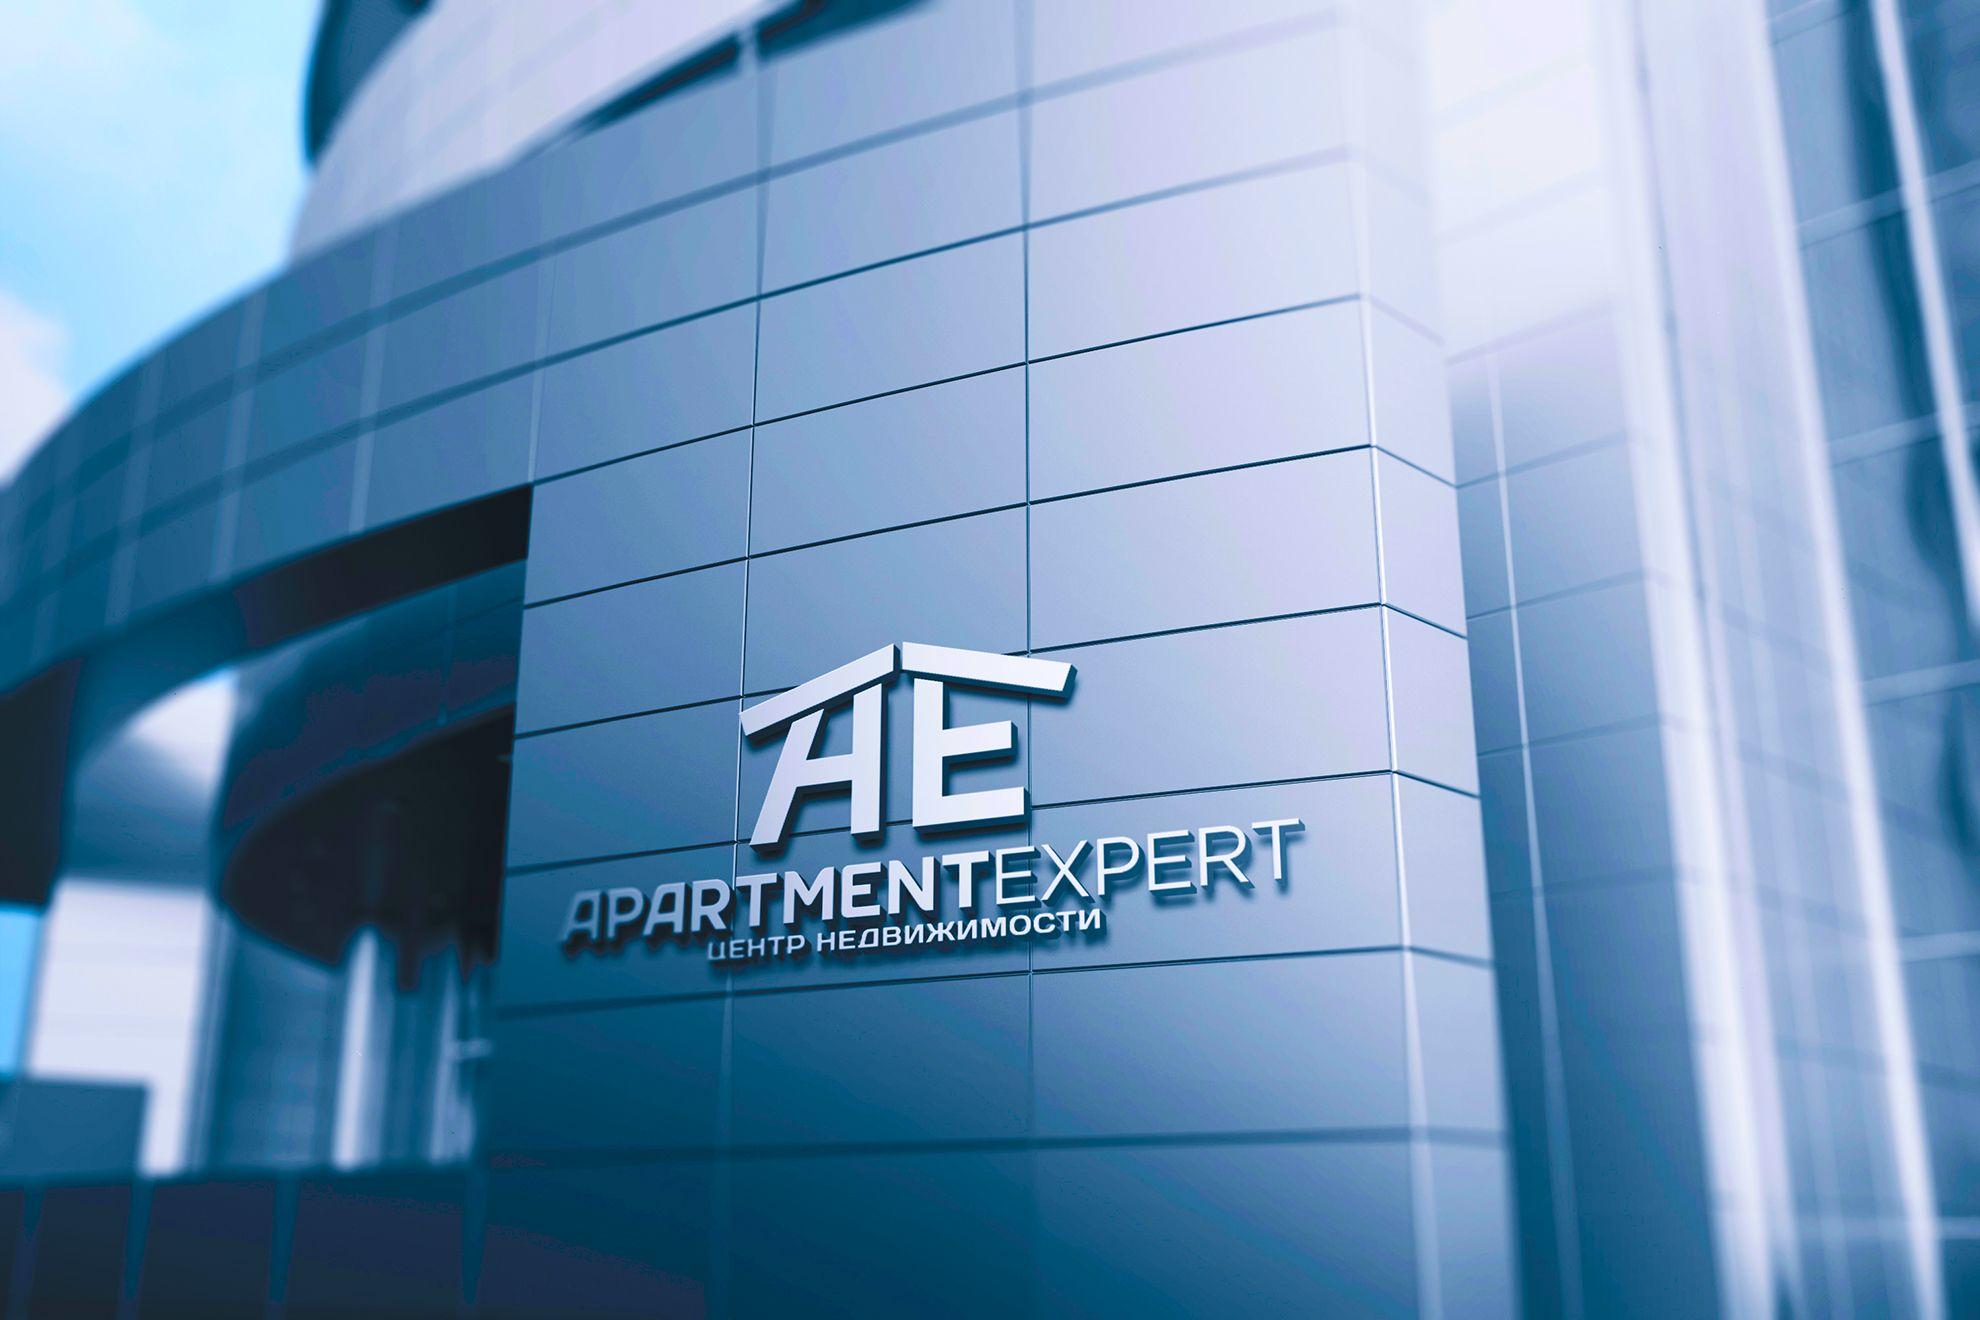 Логотип для APARTMENT EXPERT - ЦЕНТР НЕДВИЖИМОСТИ - дизайнер JMarcus